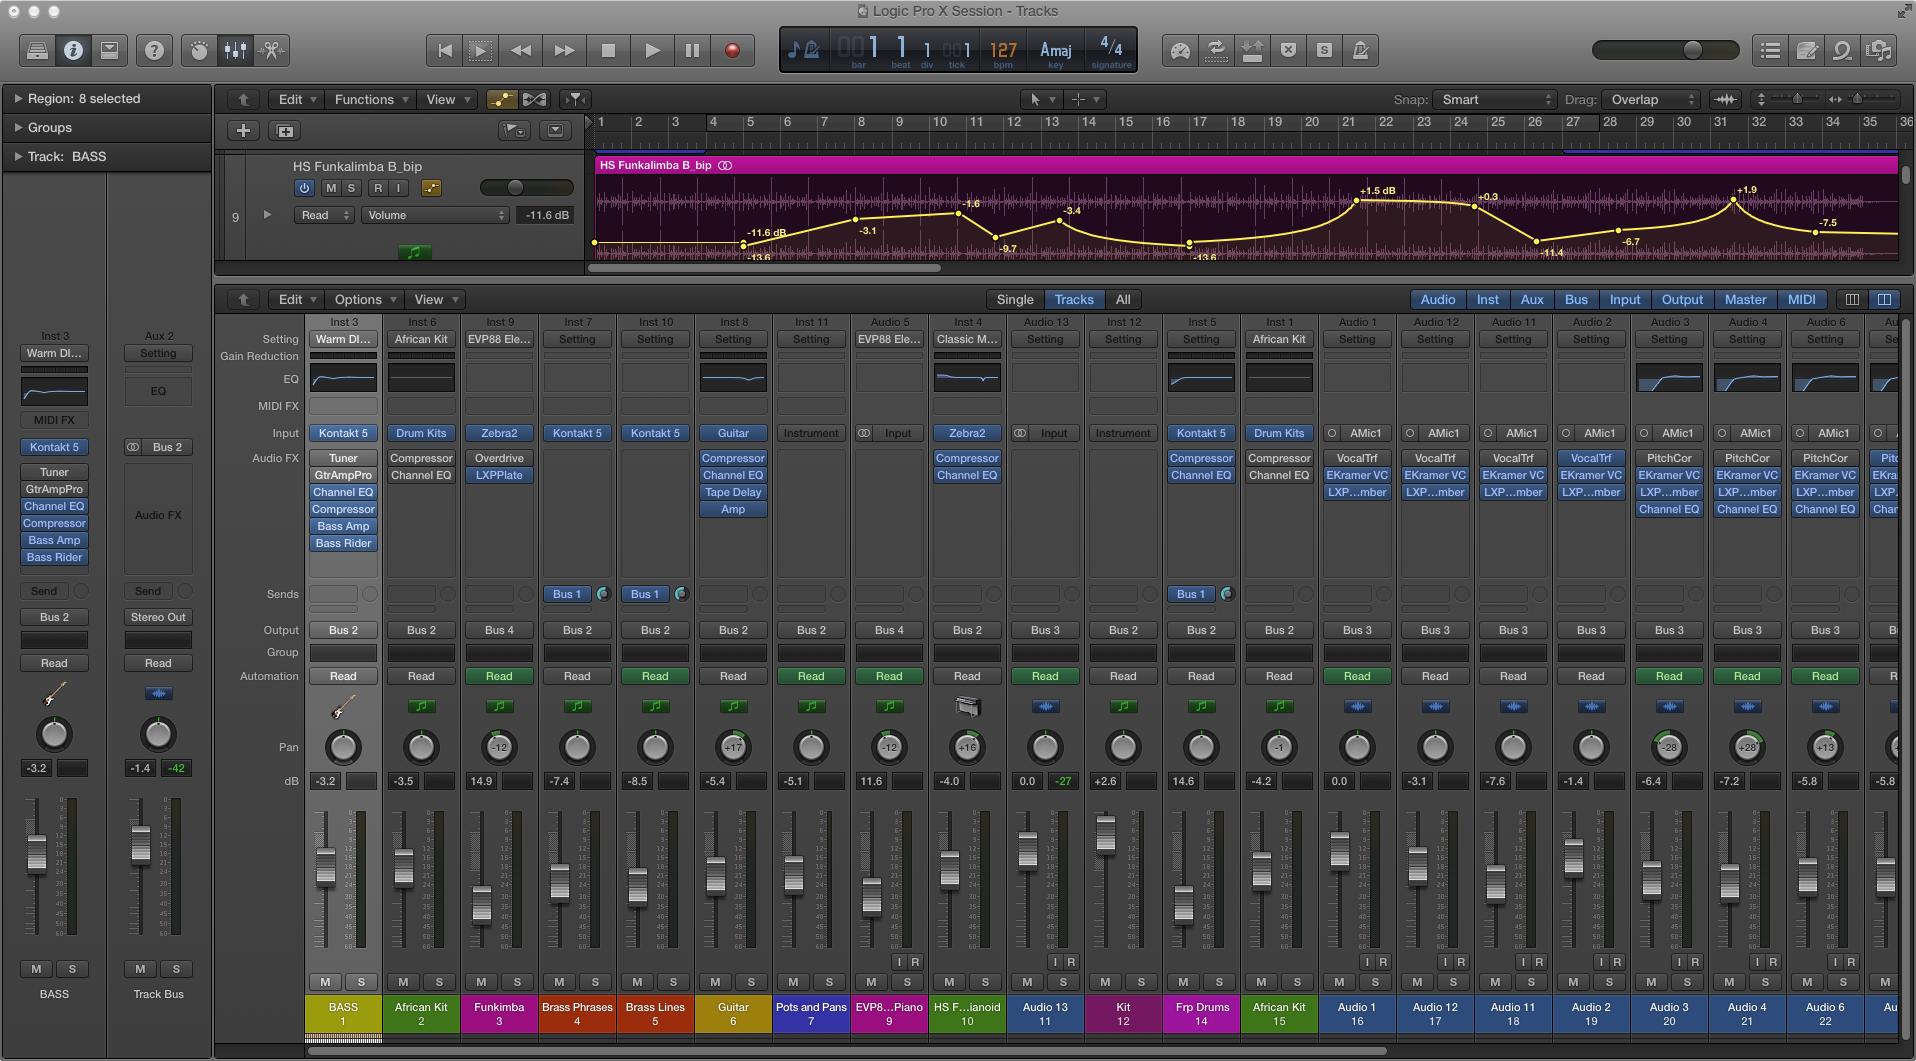 Logic Pro 9 Beginner Tutorial - YouTube